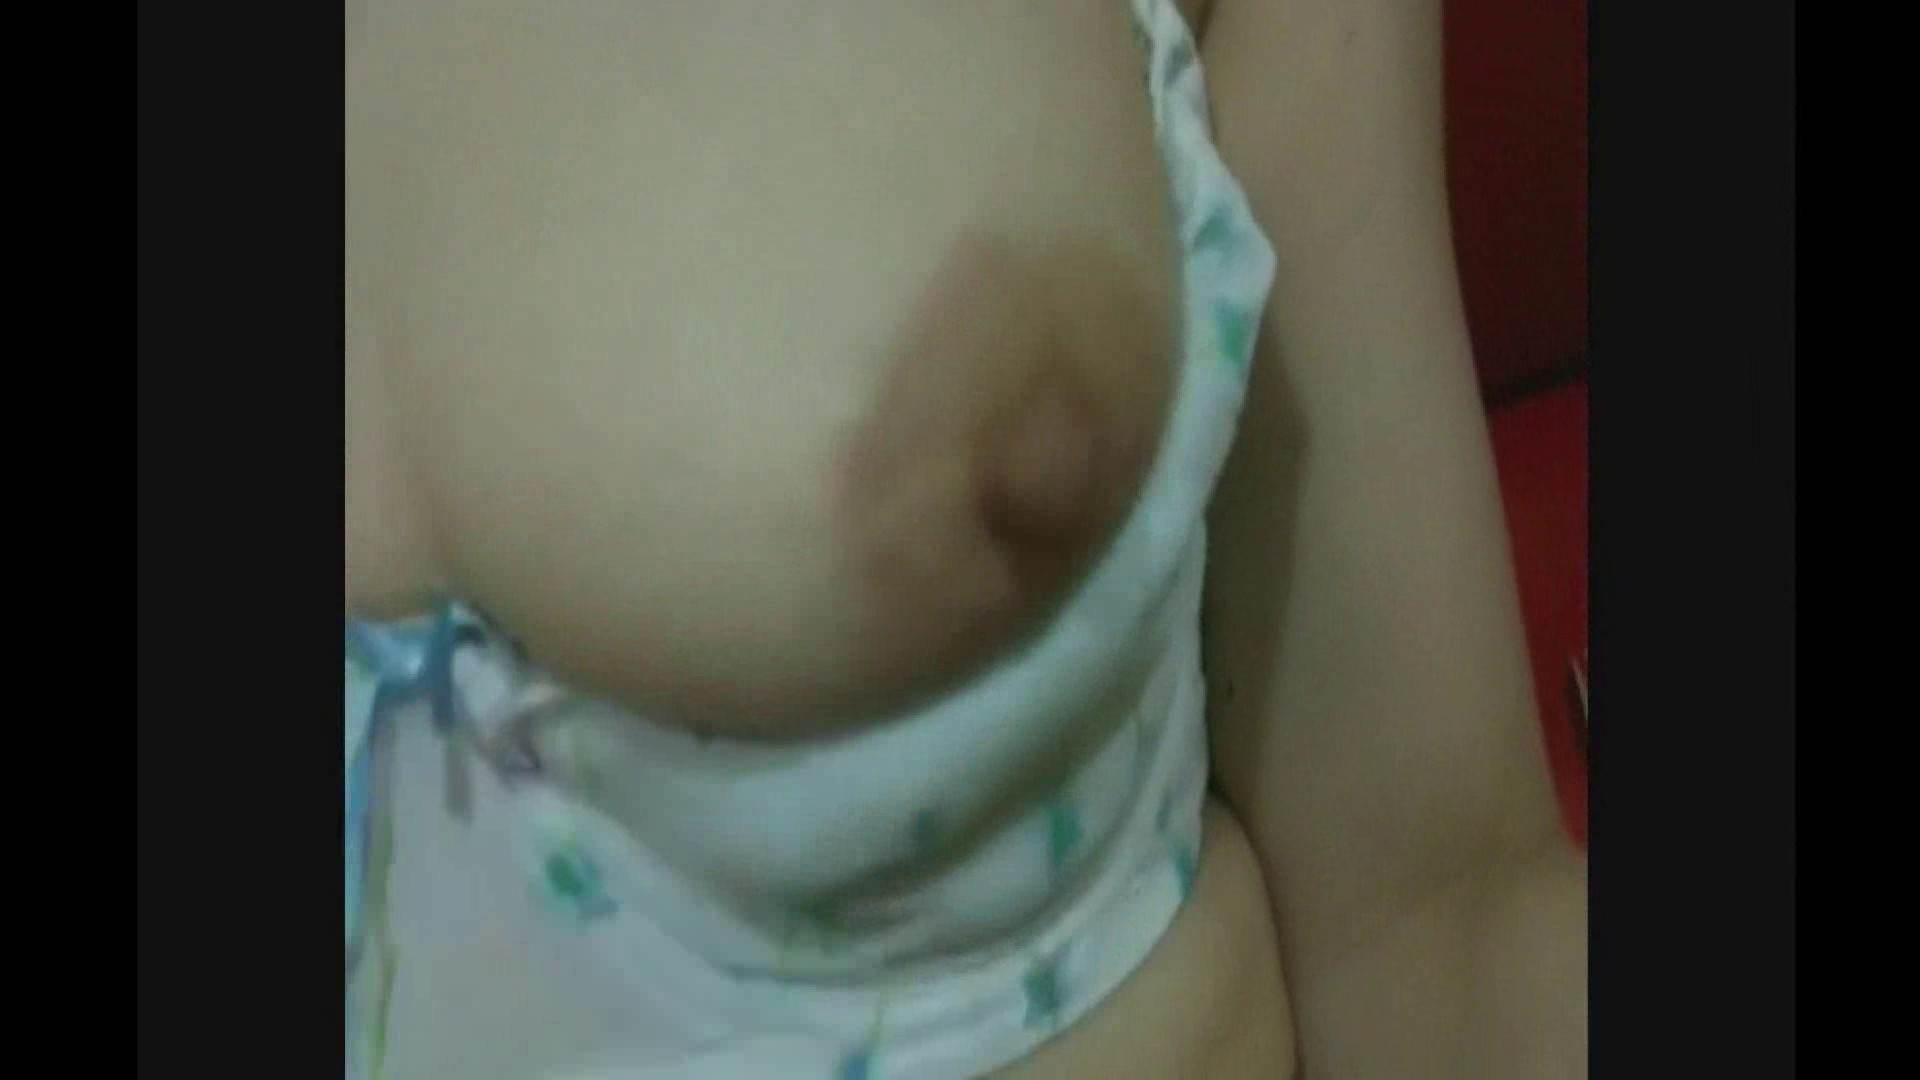 淫乱オナニー百花繚乱 Vol.01 熟女のエロ生活  69連発 60